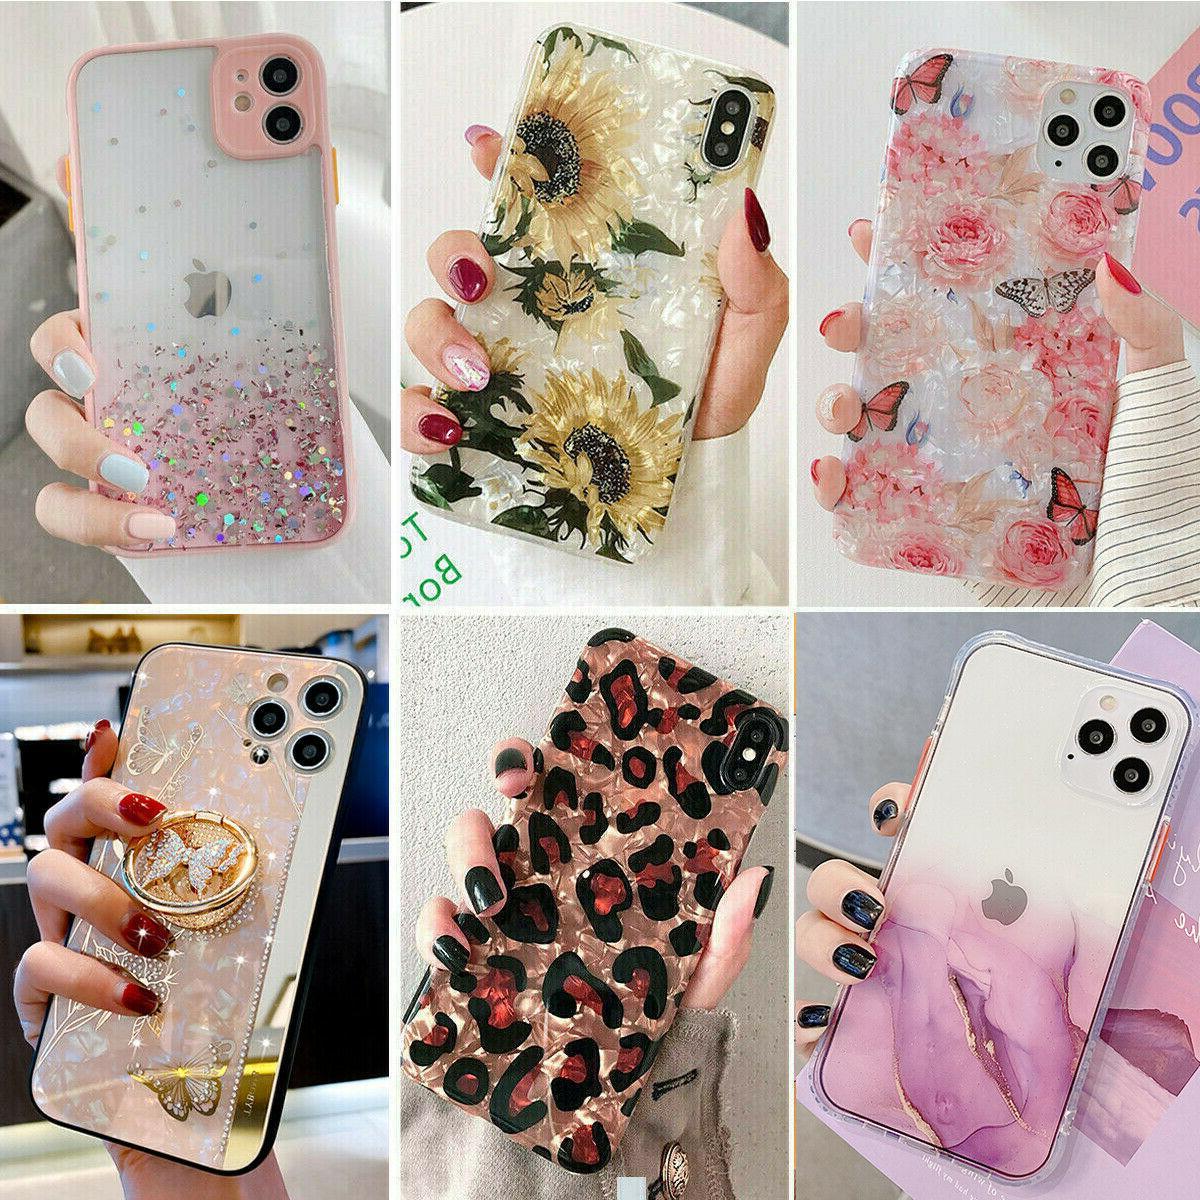 bling glitter case girls woman phone cover